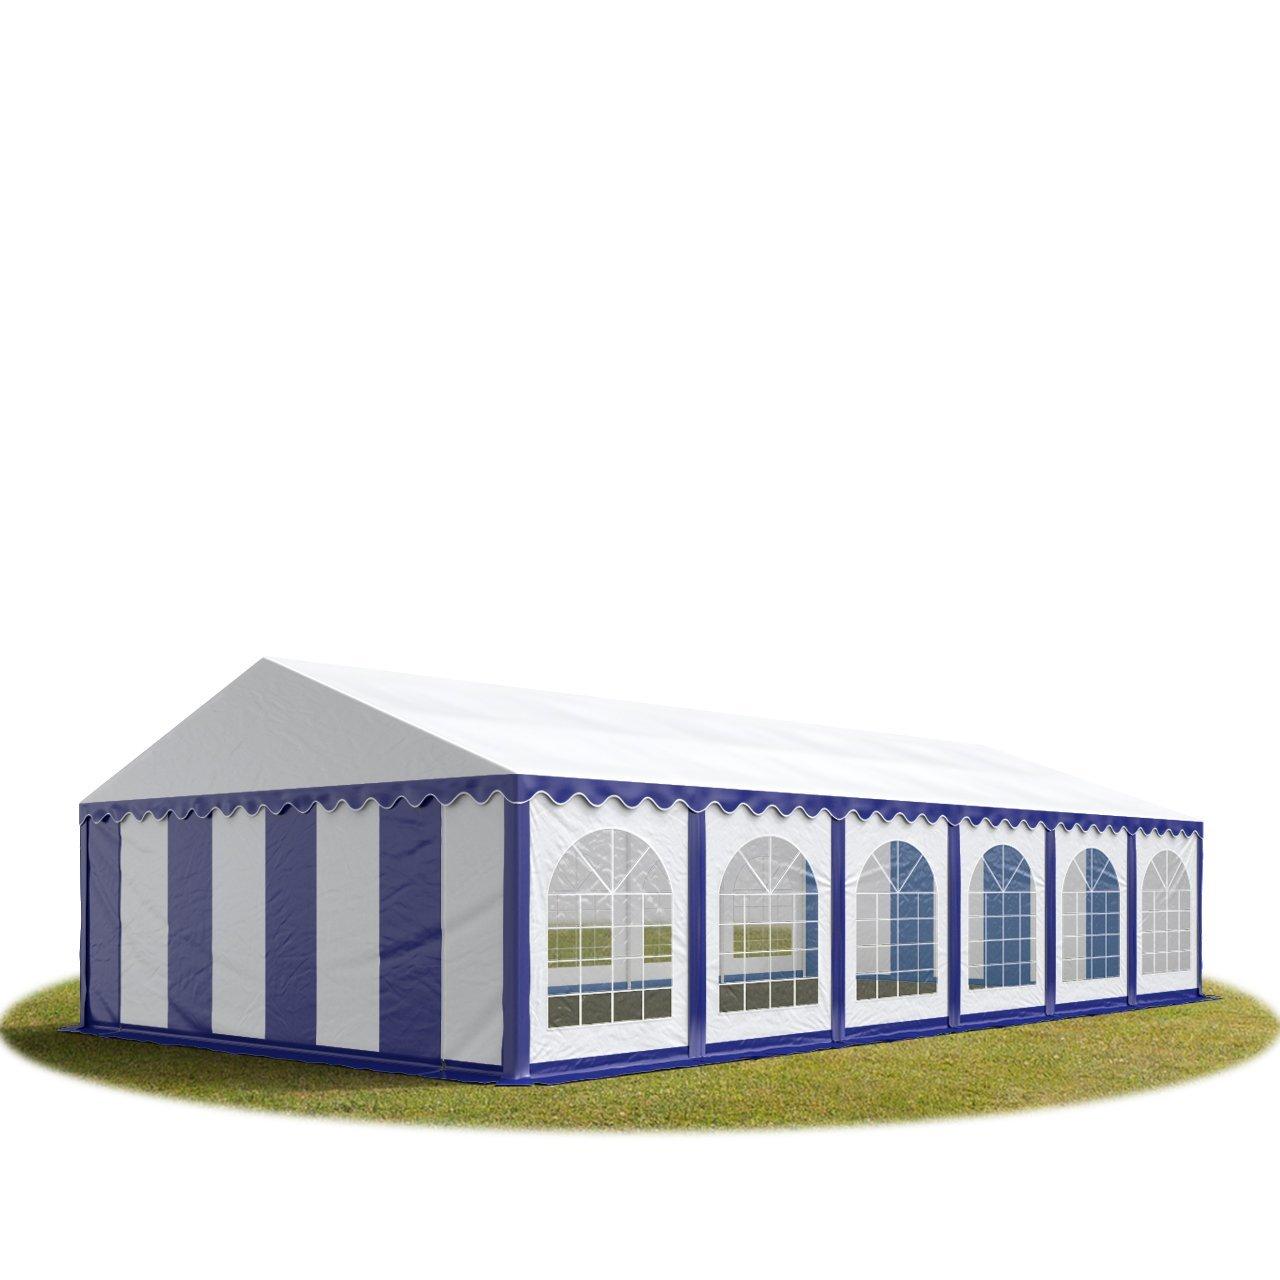 Festzelt Partyzelt 6x12m, hochwertige 500/m² PVC Plane in blau-weiß, 100% wasserdicht, vollverzinkte Stahlkonstruktion mit Verbolzung